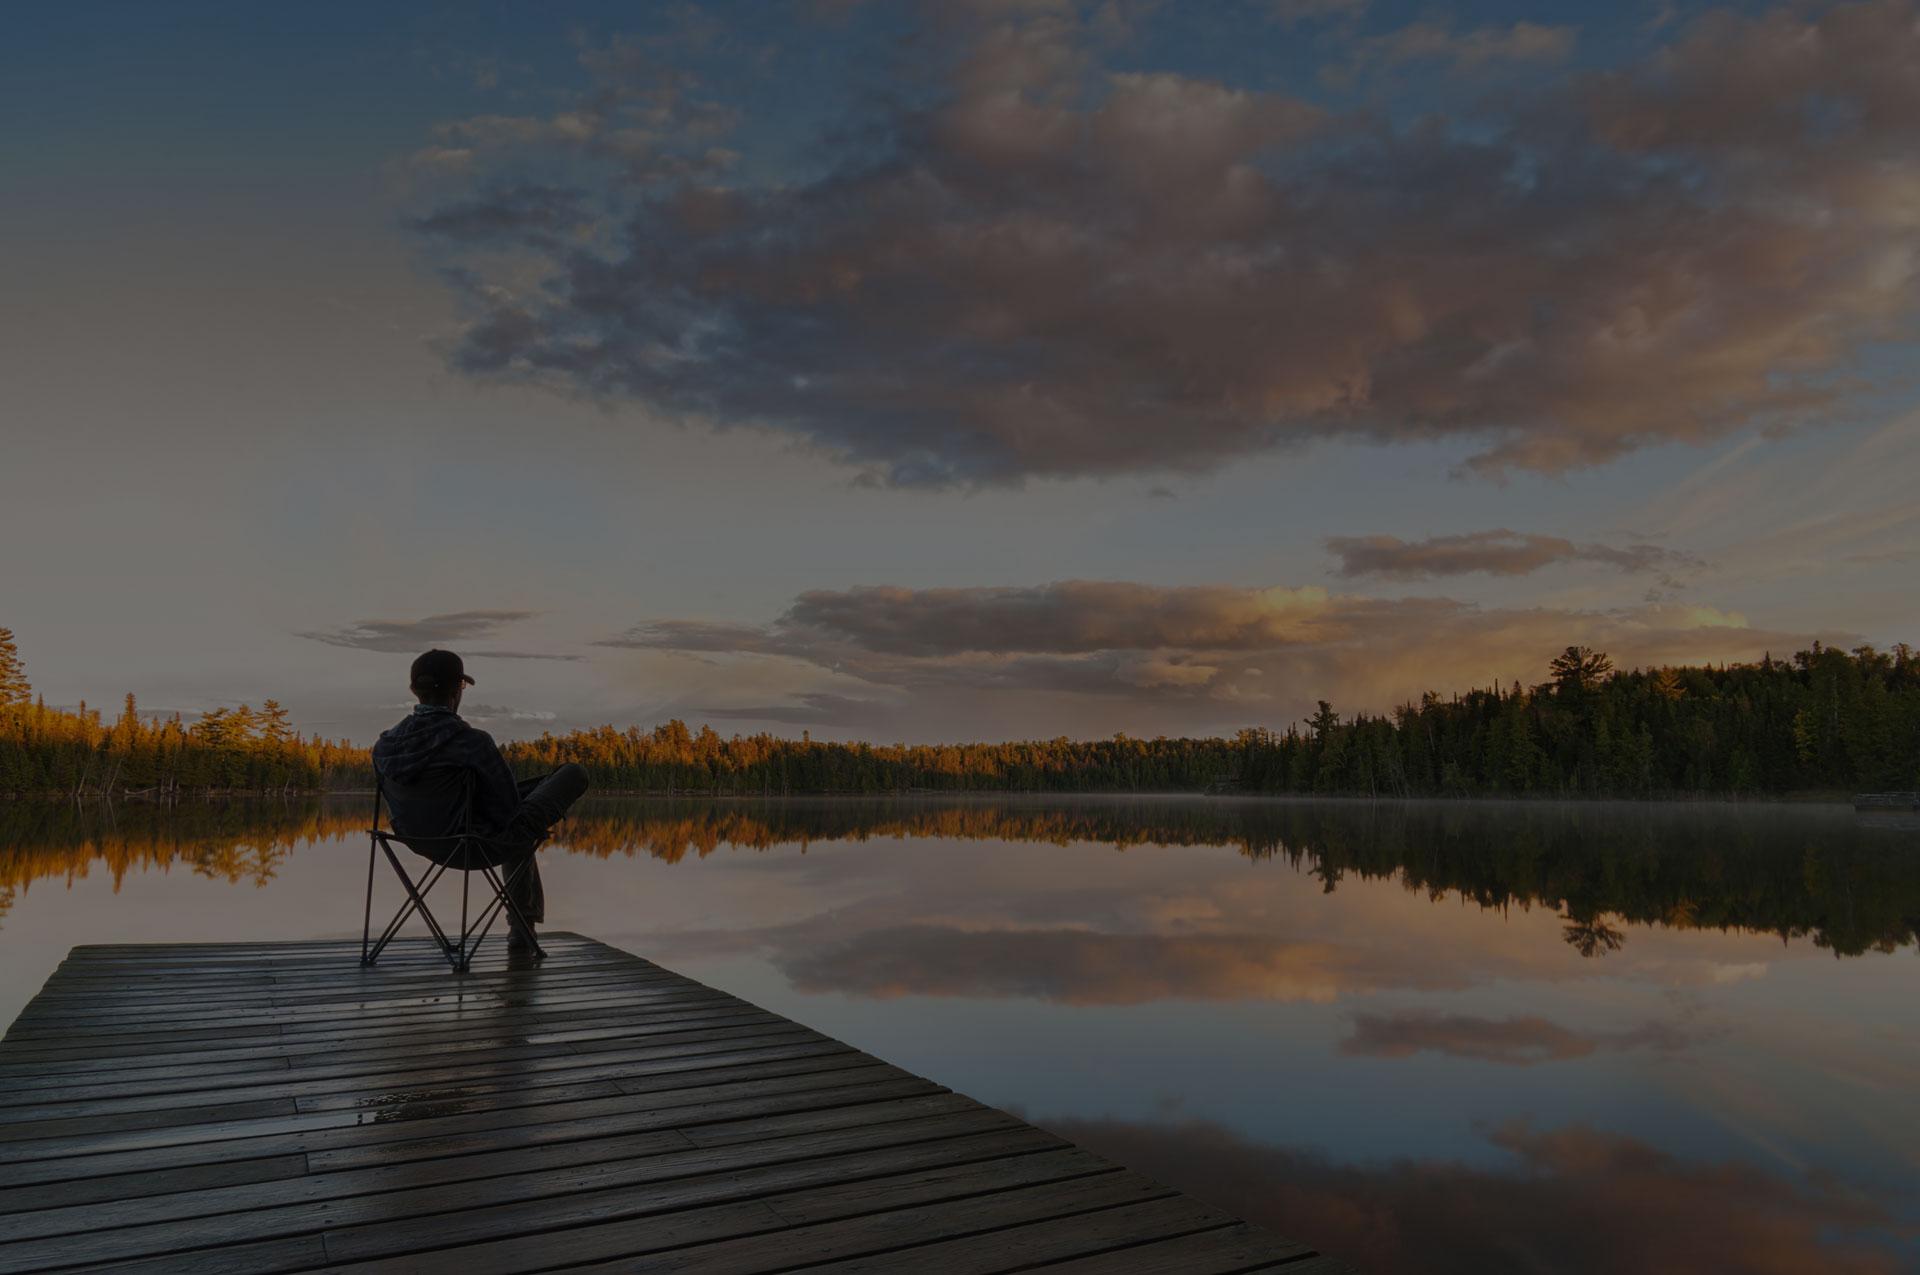 Man sitting on a lake pier at sunset